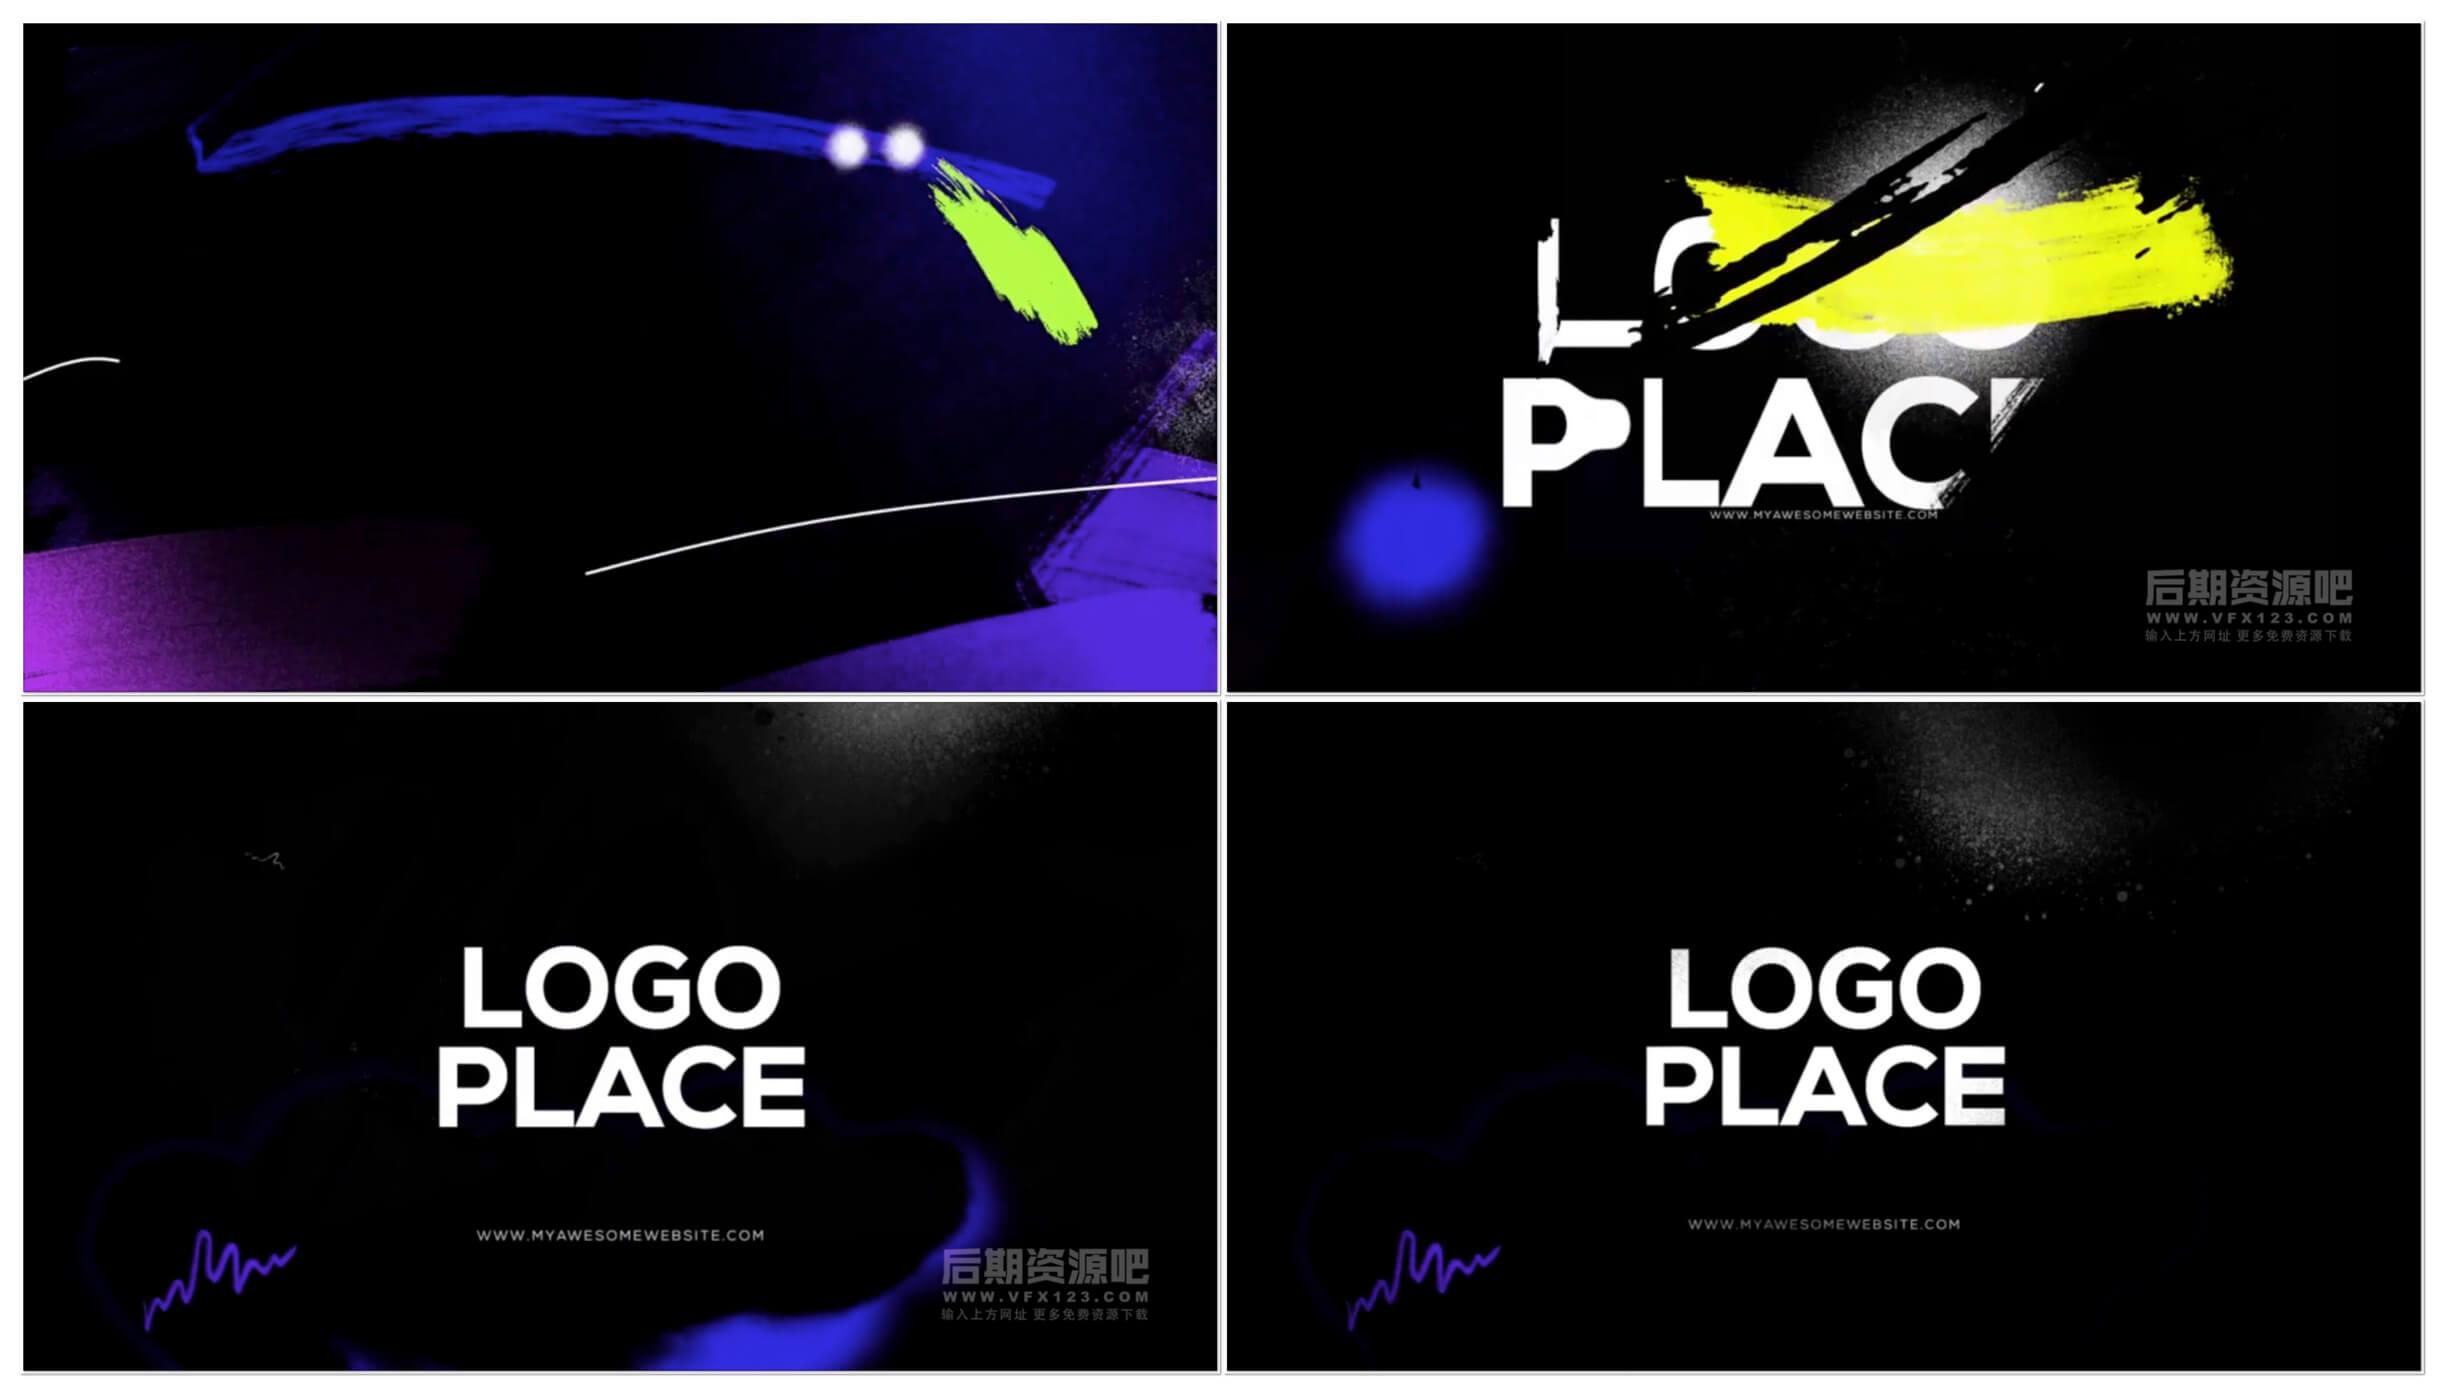 fcpx插件 复古扰乱胶片效果徽标LOGO展示片头模板 Glitch Logo Intro